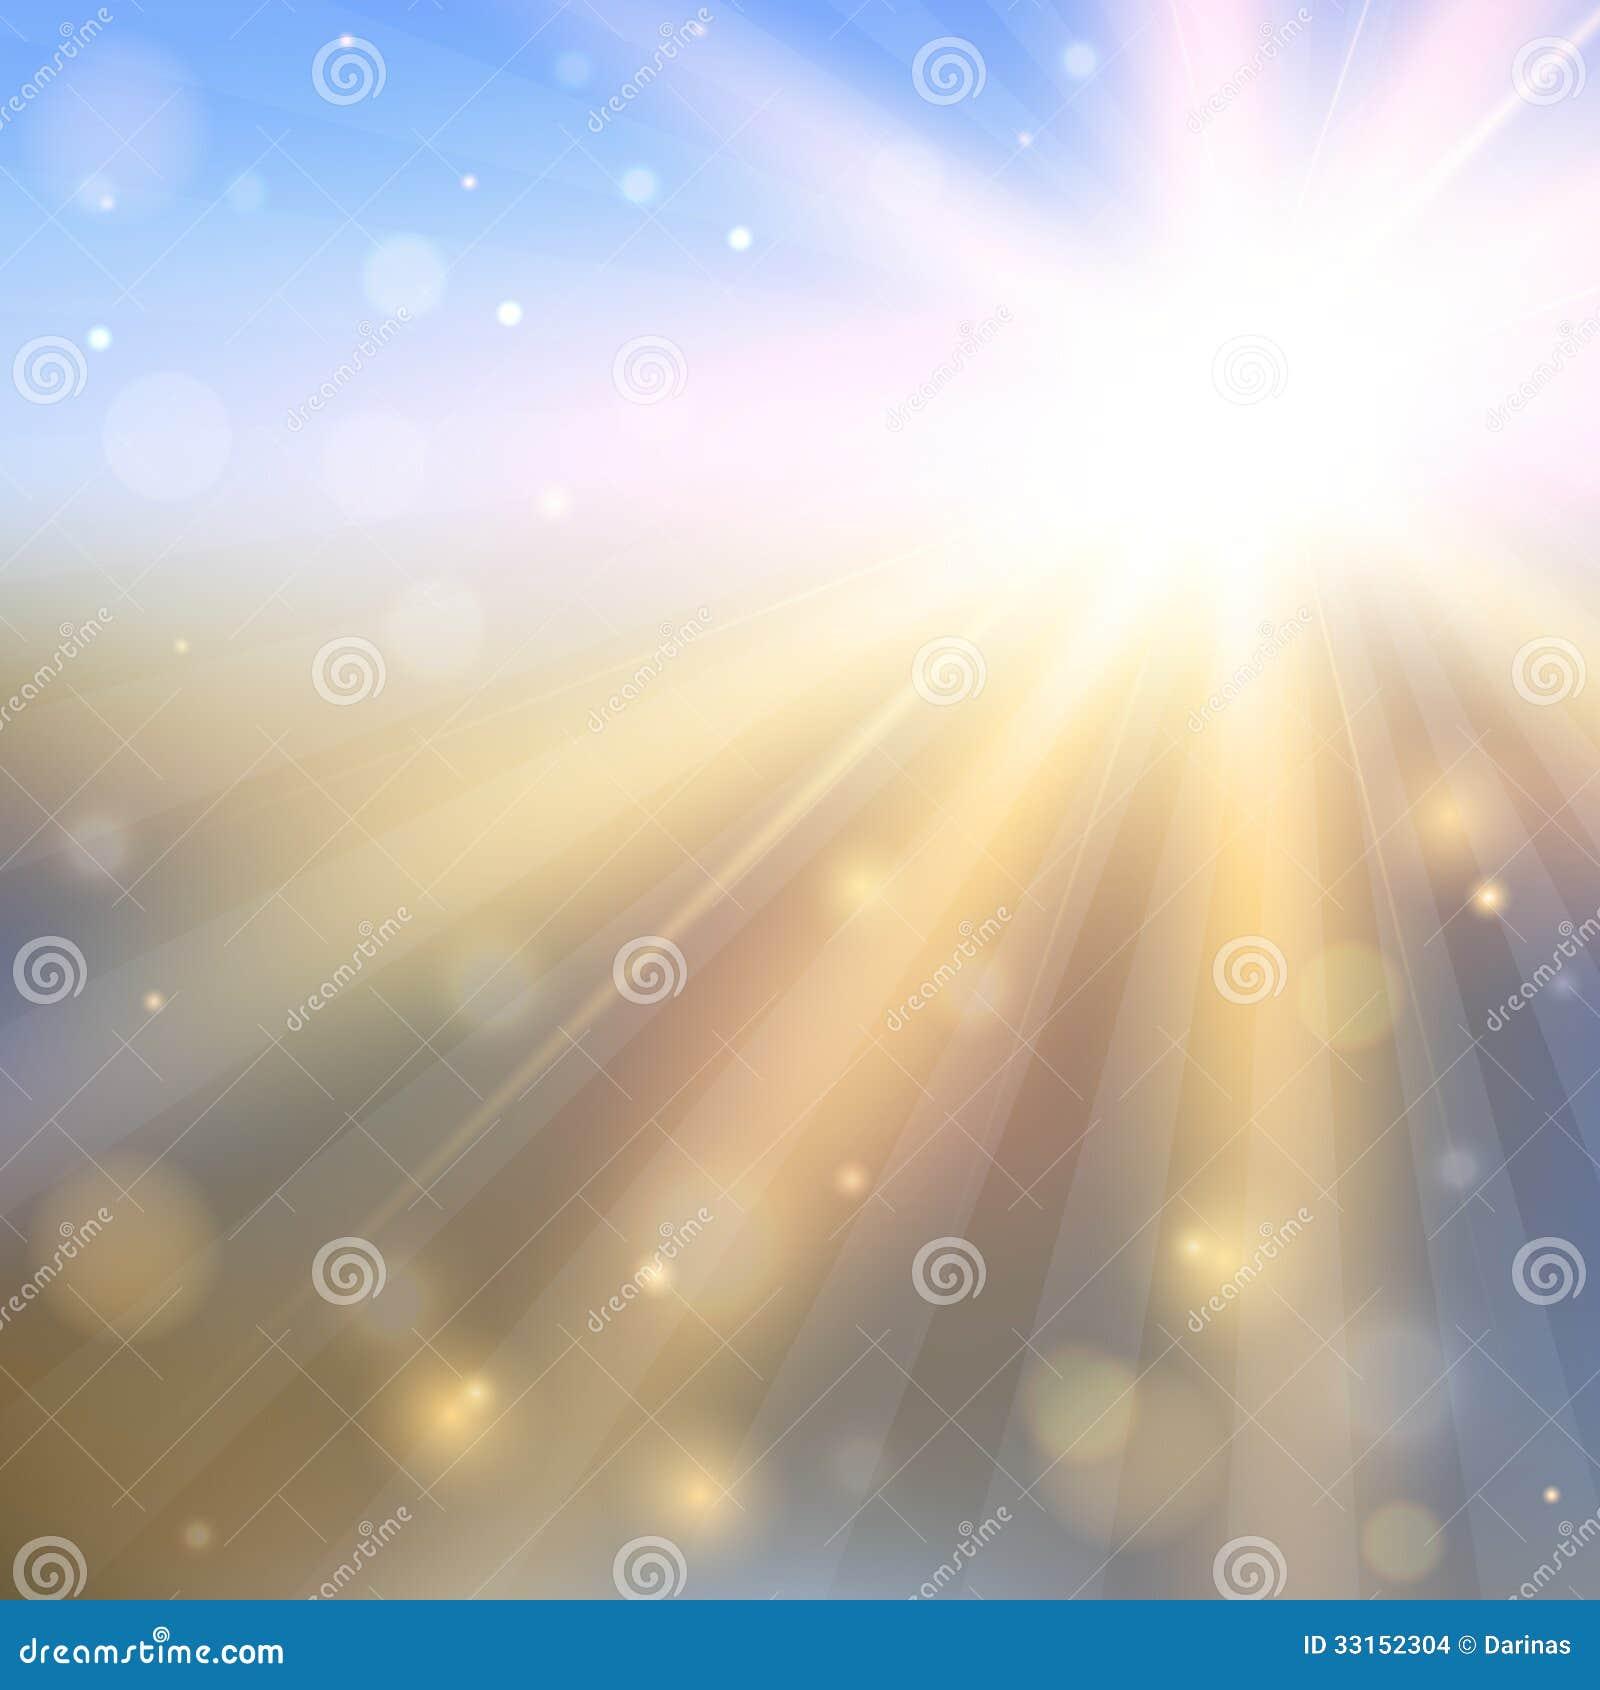 Fondo abstracto con el sol brillante